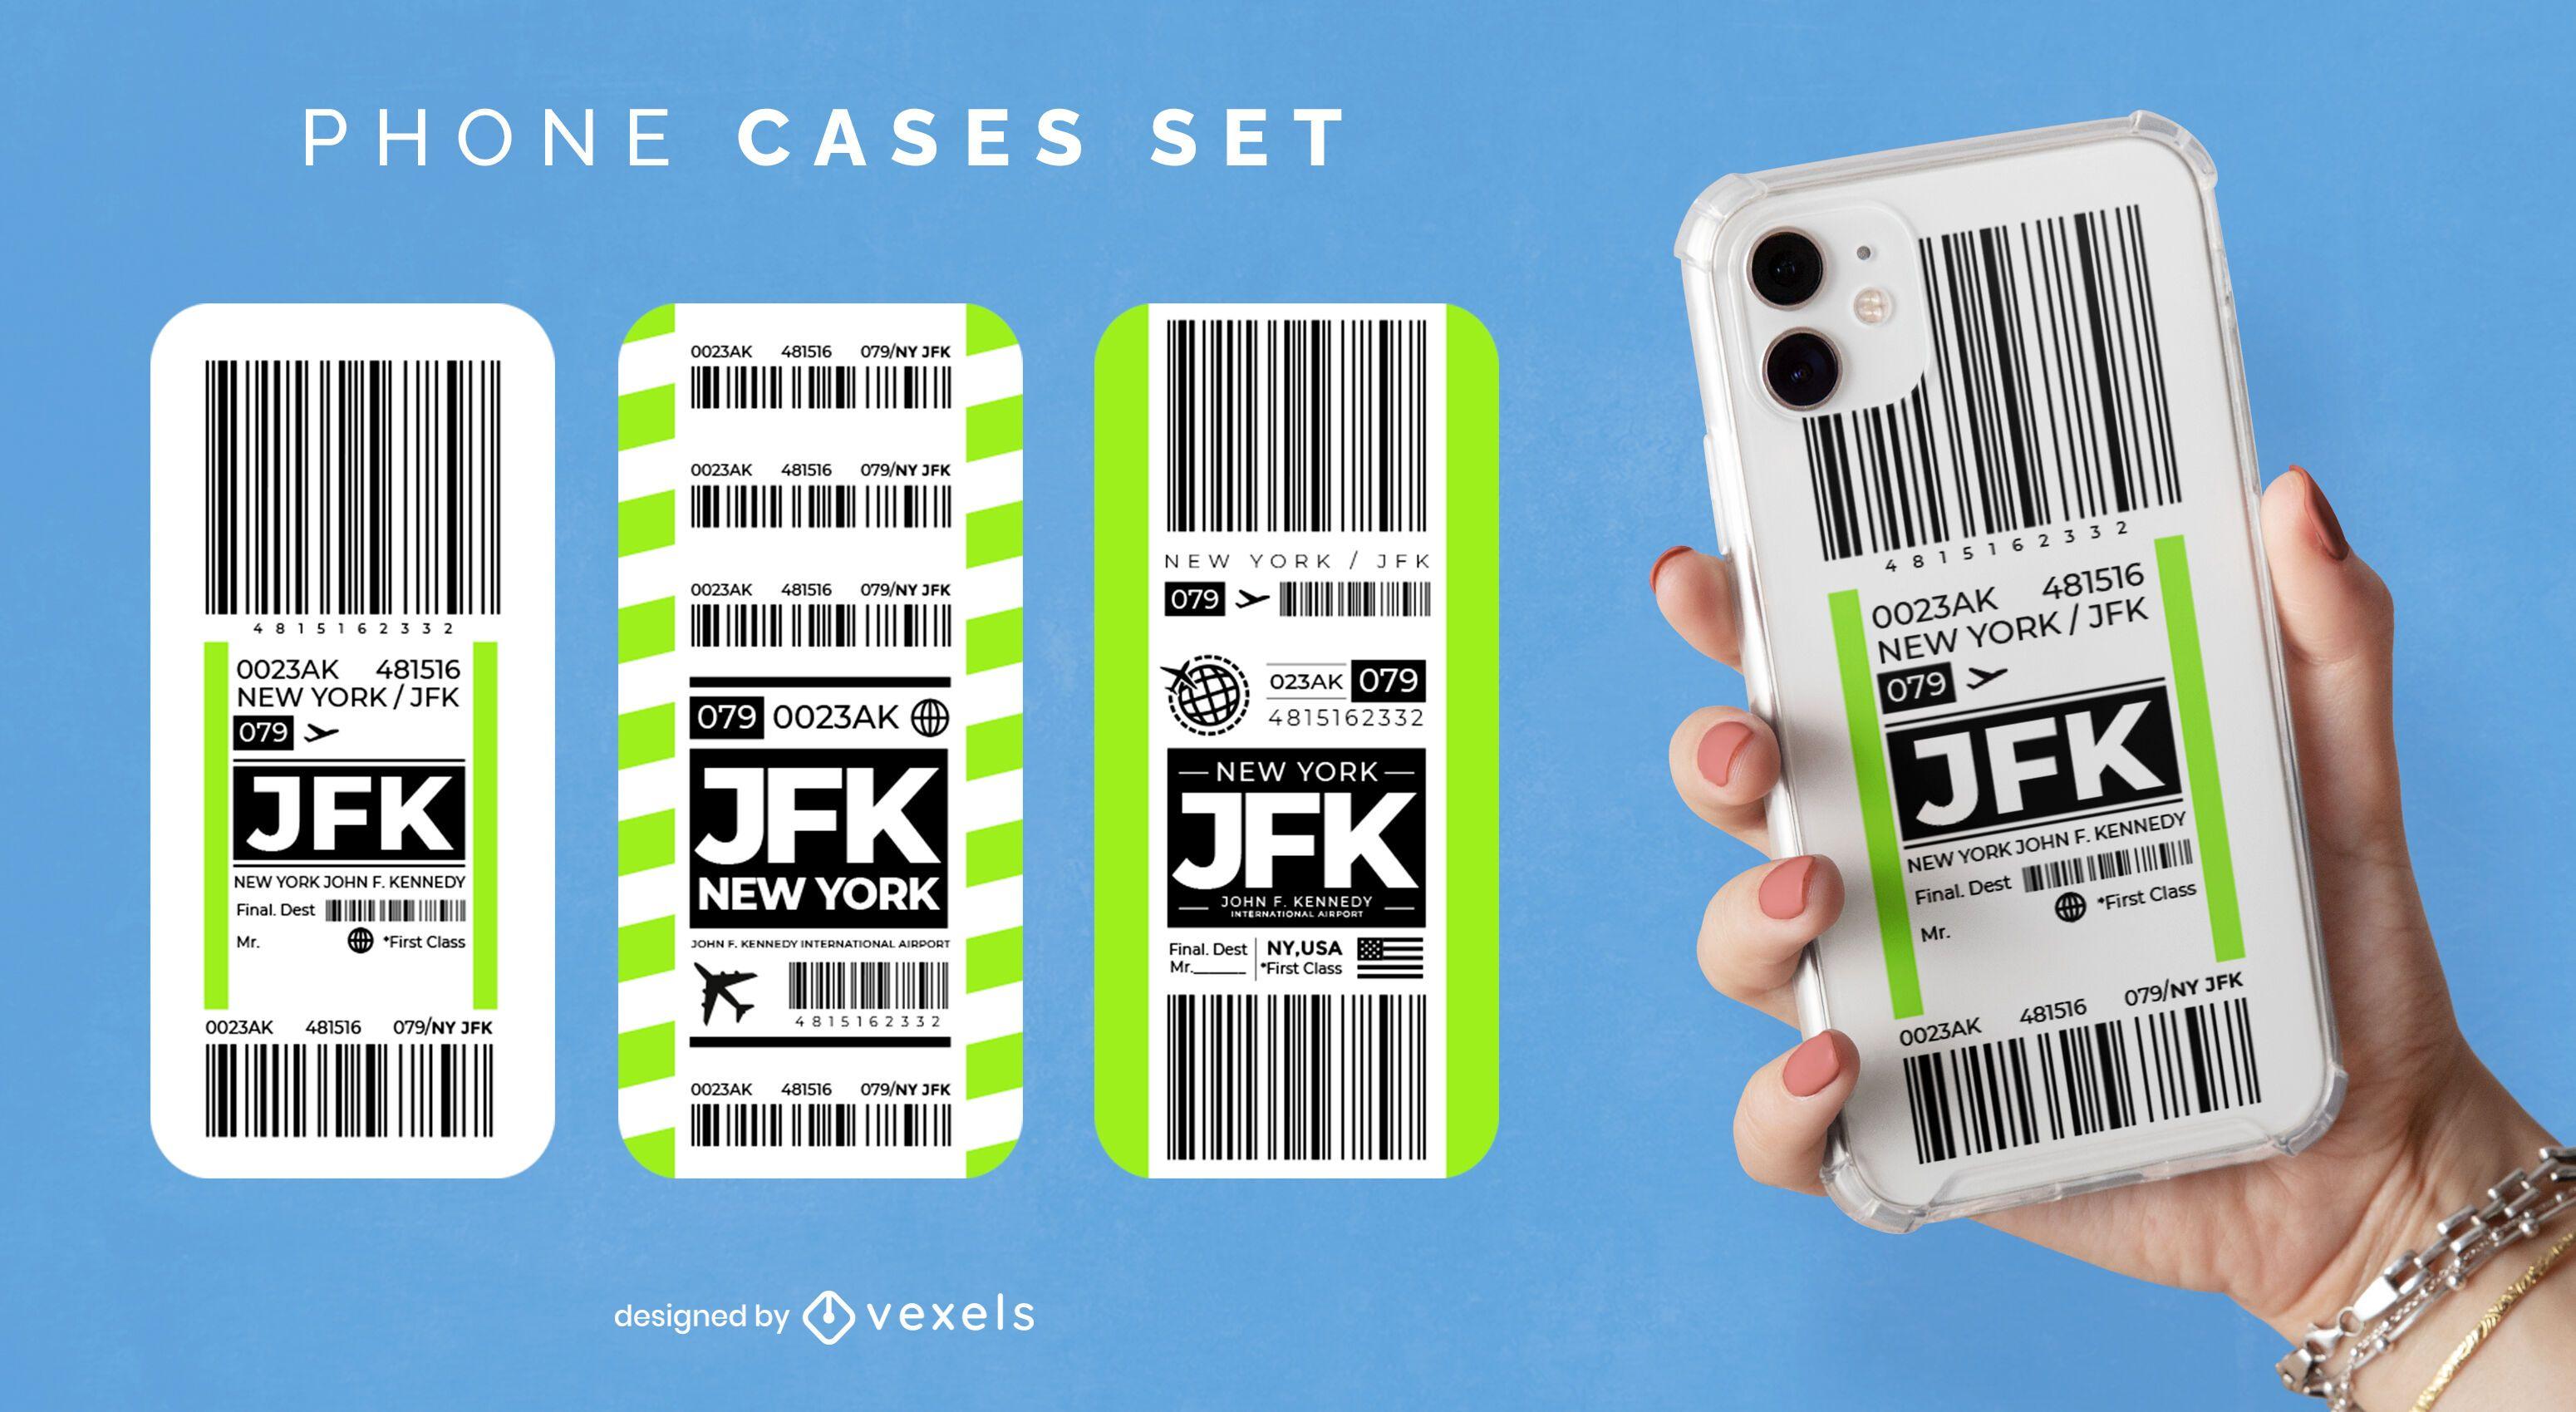 Juego de cajas de tel?fono para boletos de aeropuerto